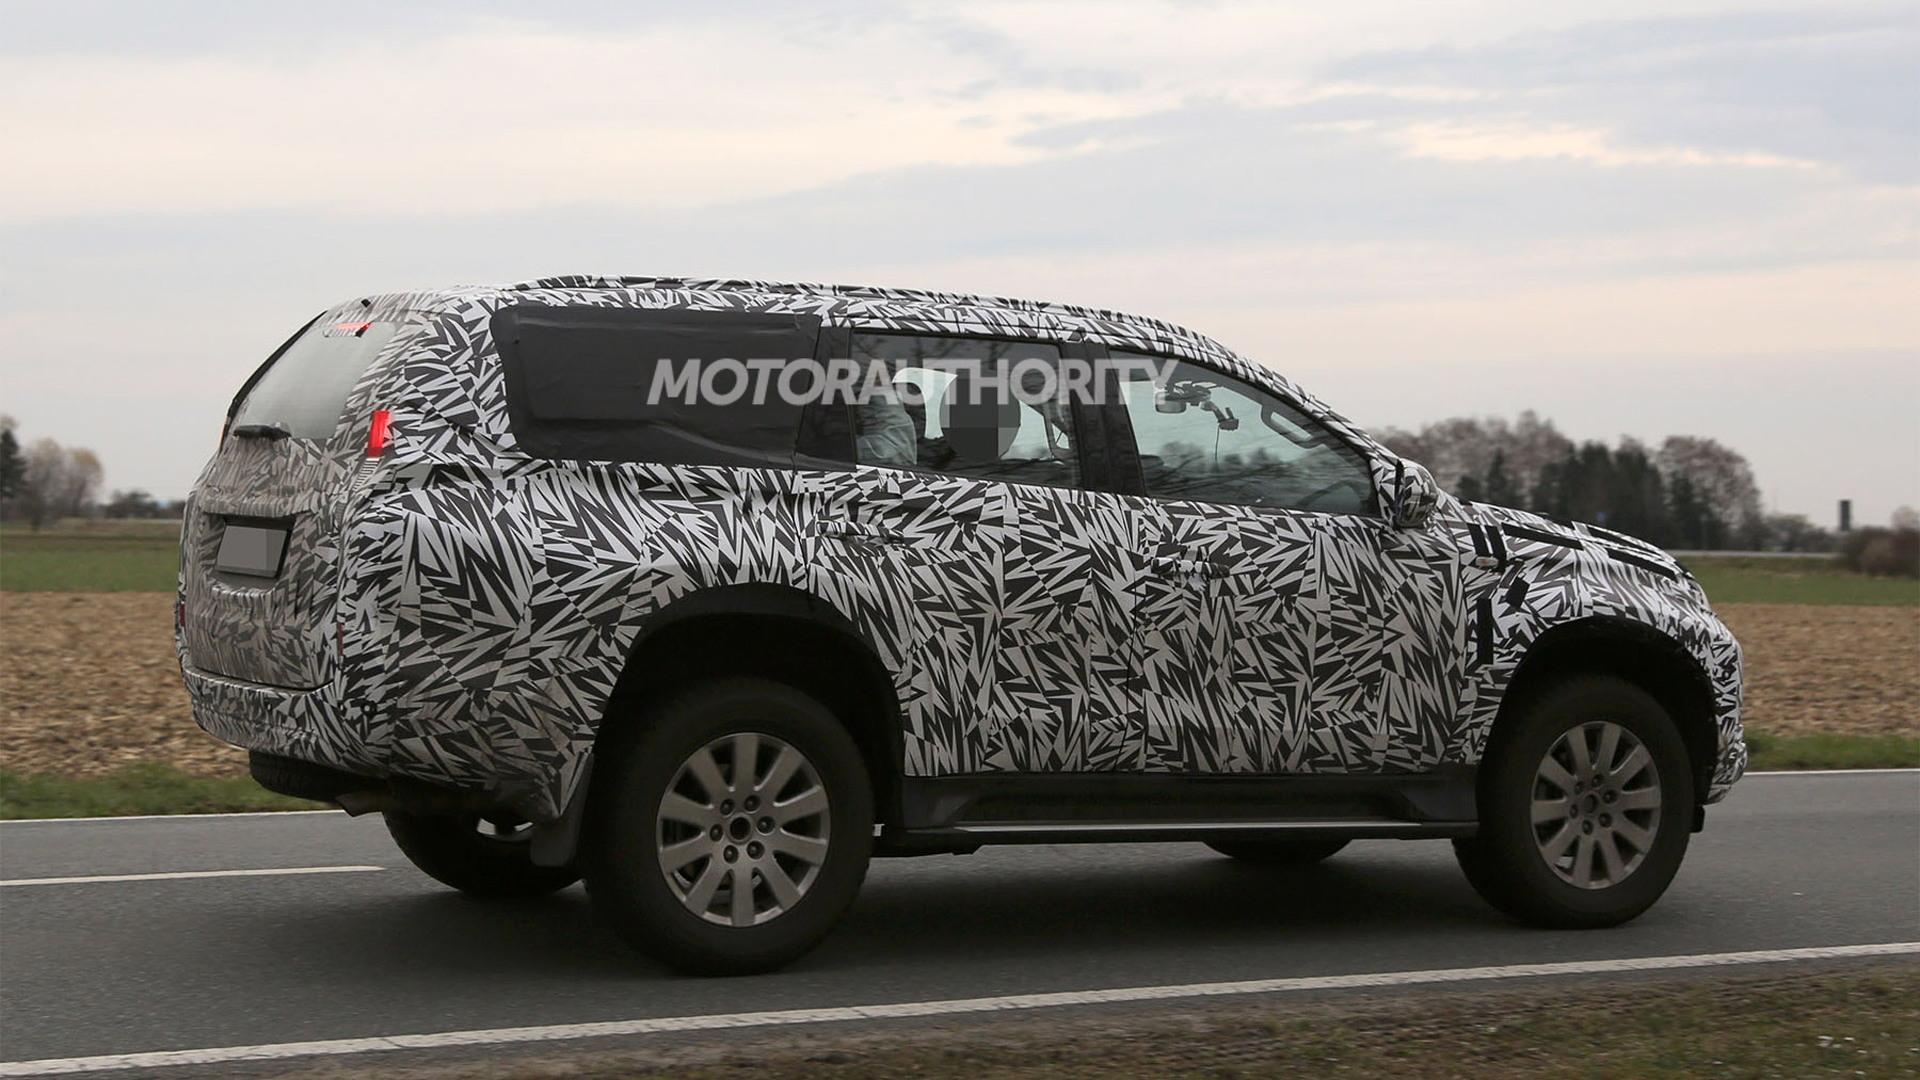 2017 Mitsubishi Montero spy shots - Image via S. Baldauf/SB-Medien